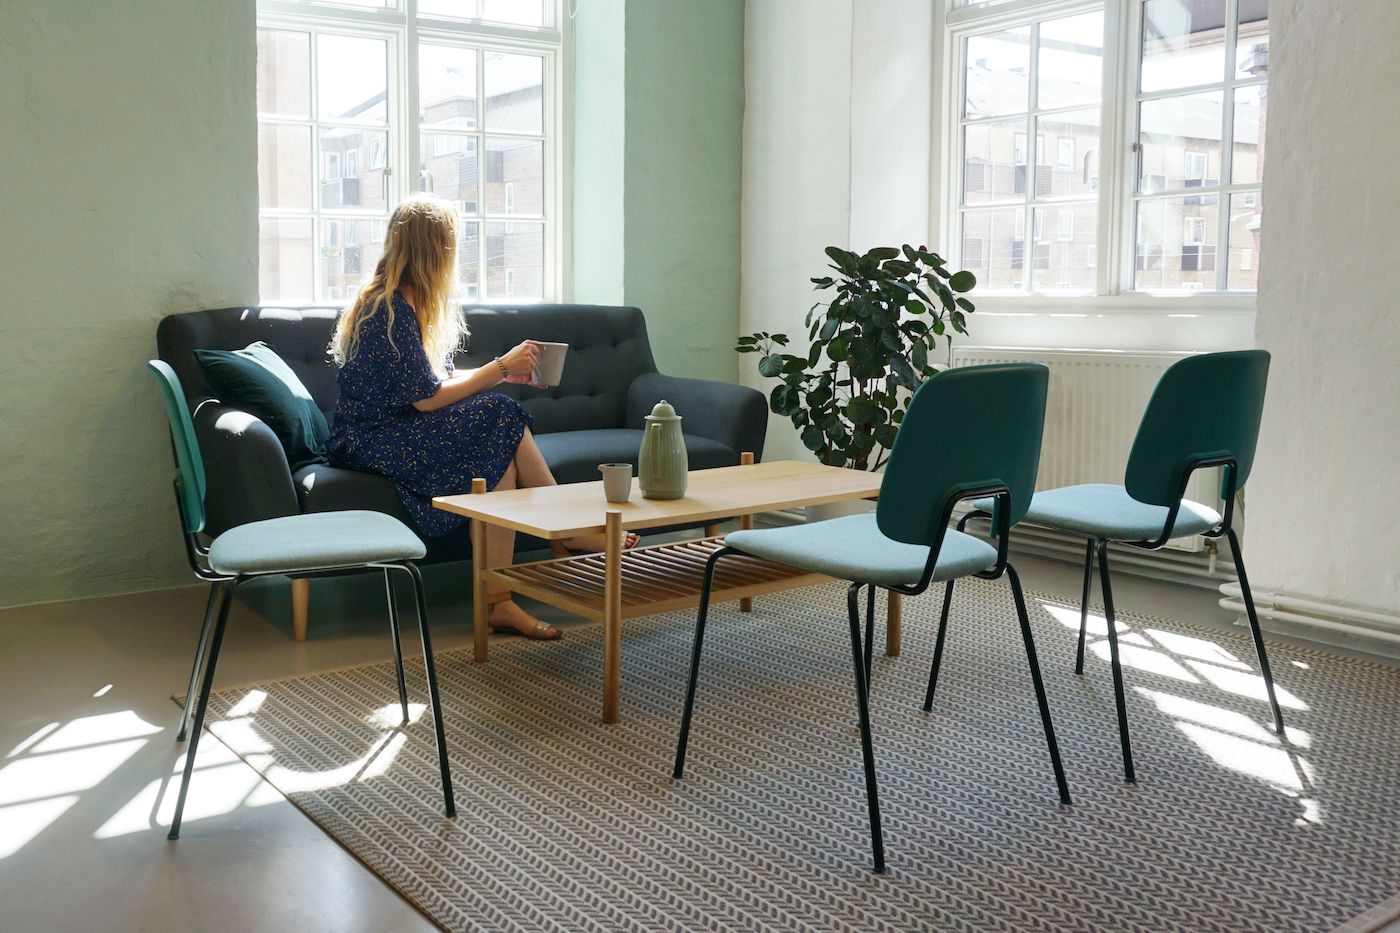 R.U.M, Nachhaltige Möbel , Fehlers, 3daysofdesign, dänisches Design, nachhaltig, Plastik